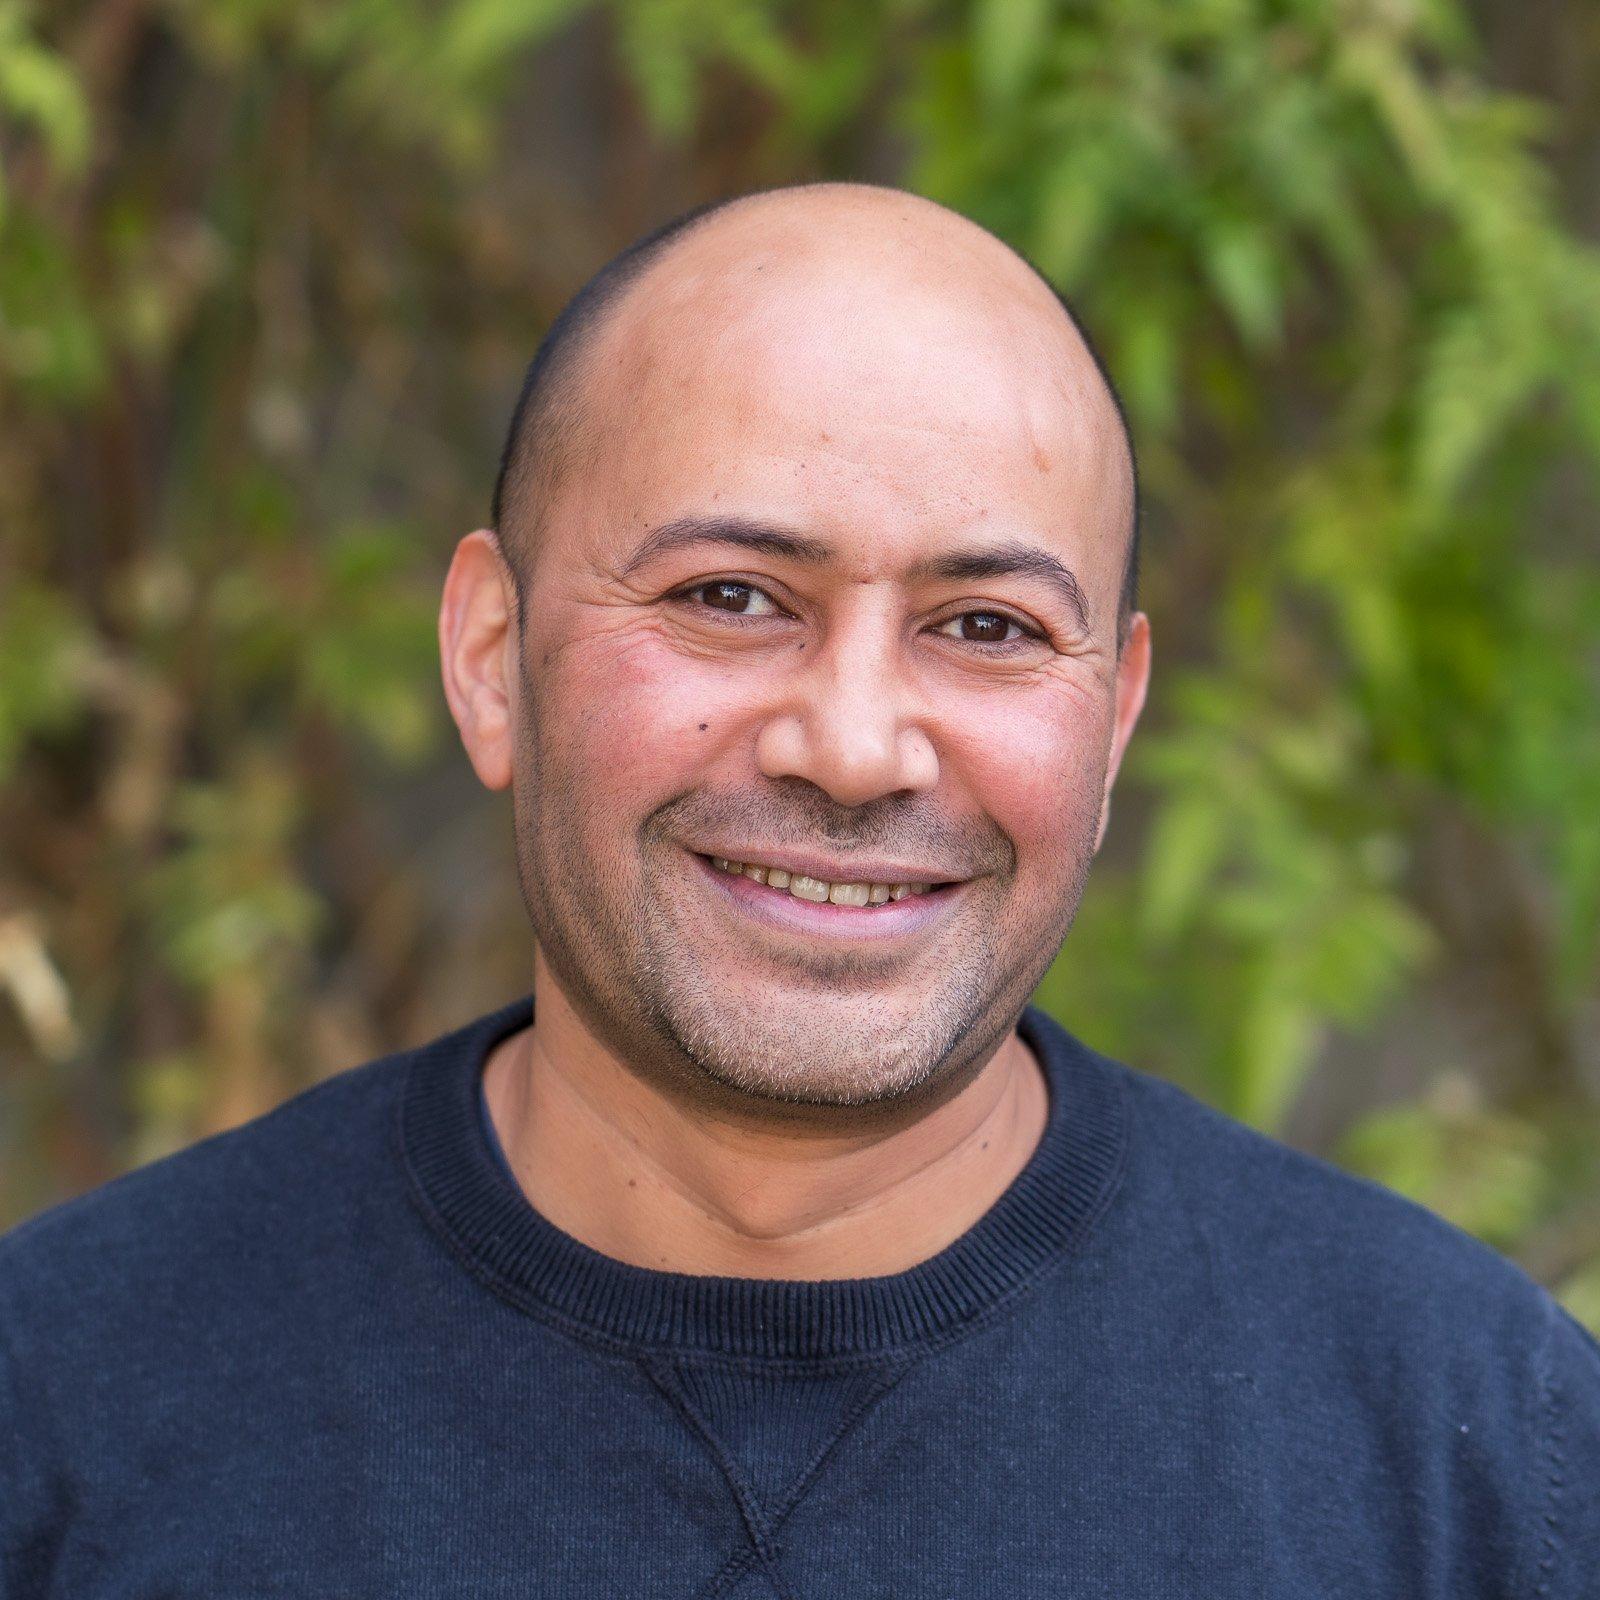 Djamel Wazizi